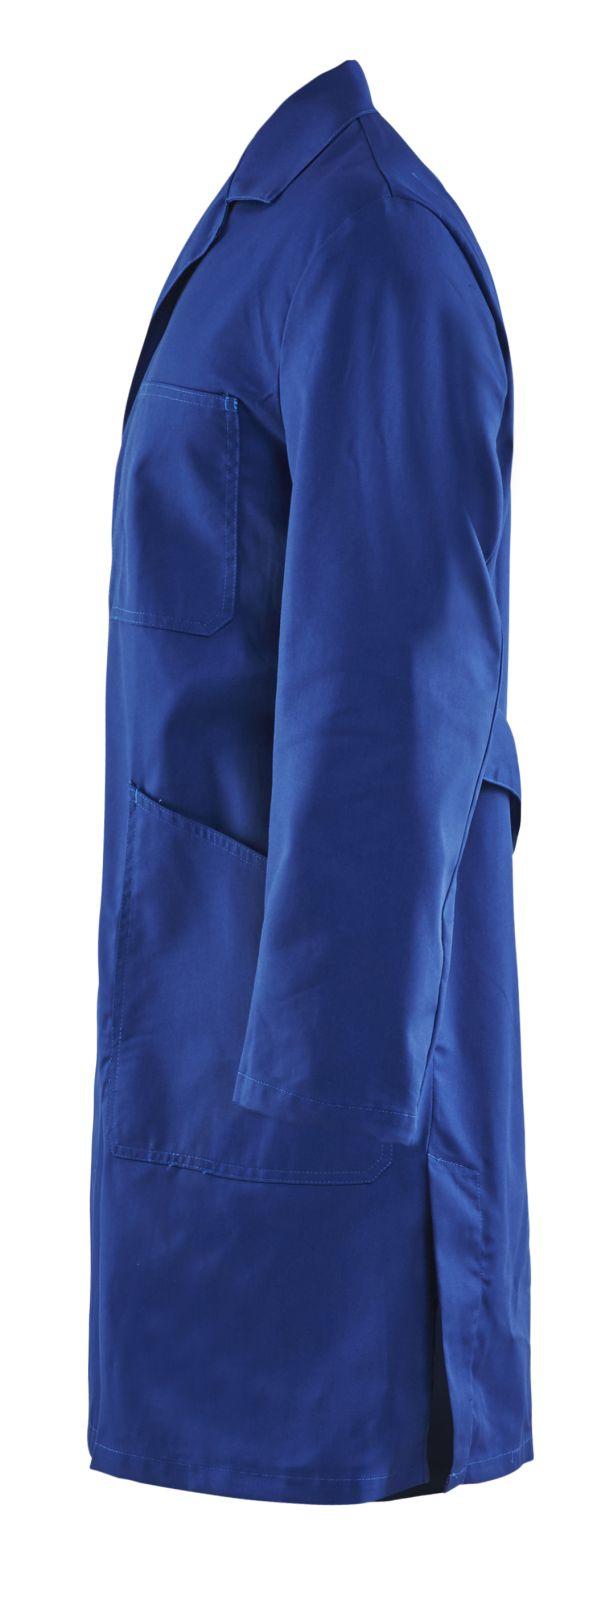 Blaklader Stofjassen 51501800 korenblauw(8500)